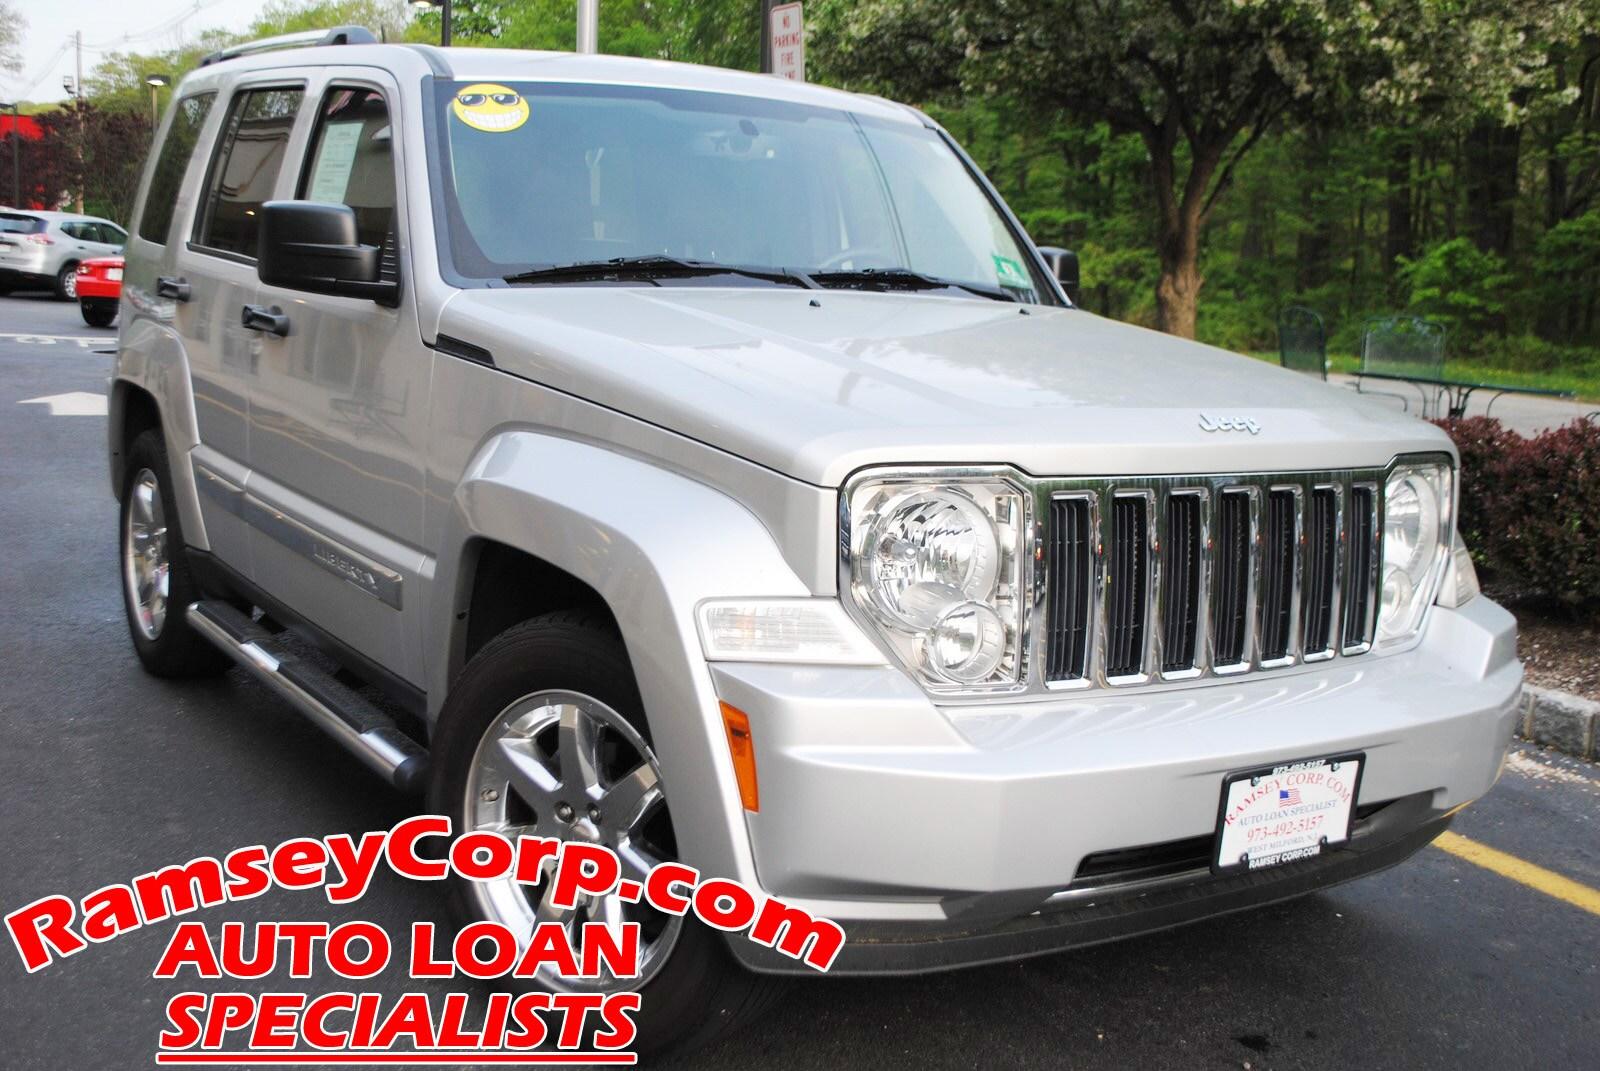 2010 Jeep Liberty Limited 3.7 SUV